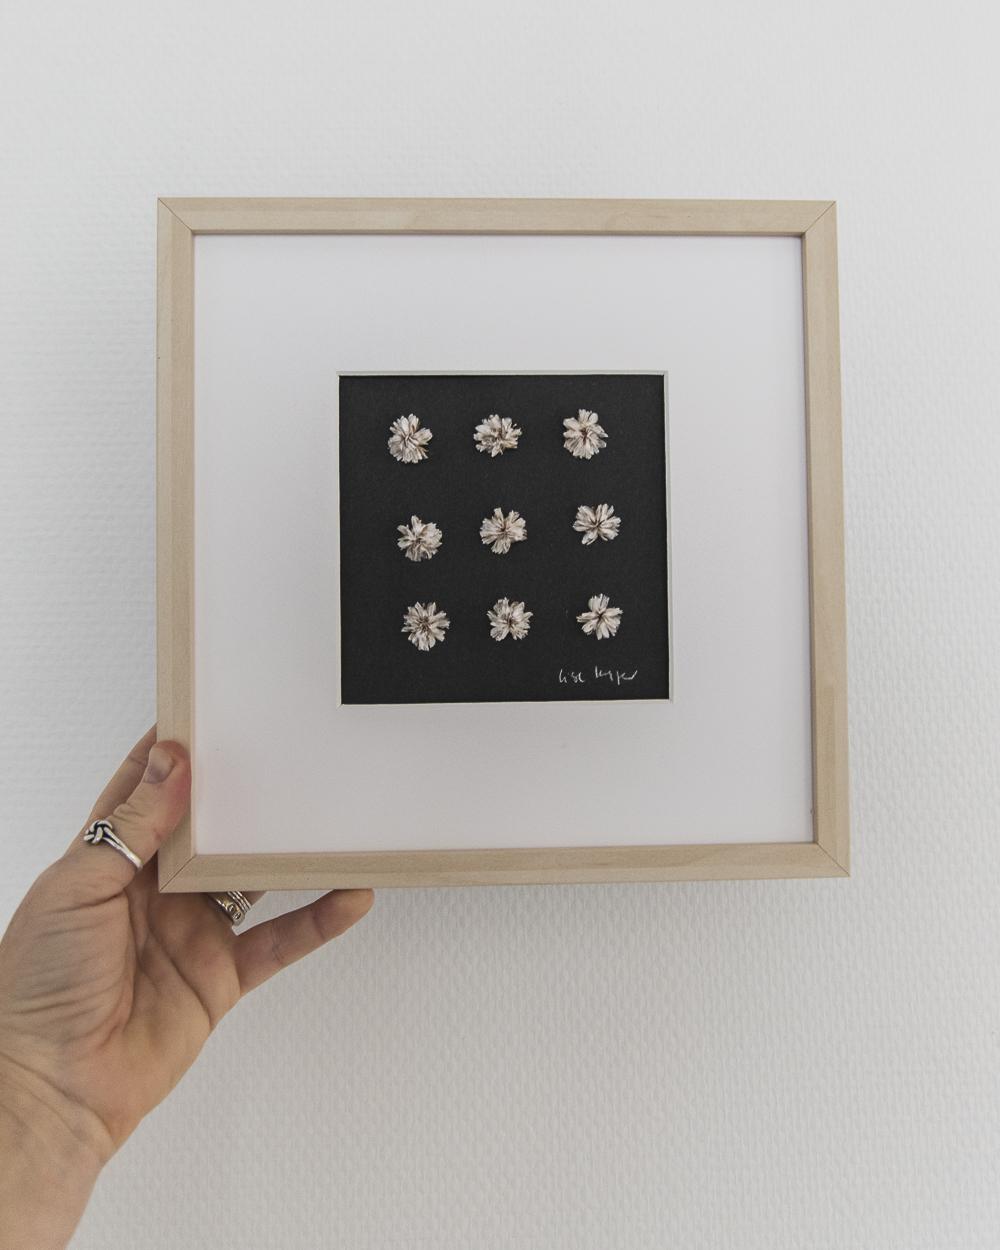 Tørrede Engelsk græs - blomsterværk - Lise Kryger Studio